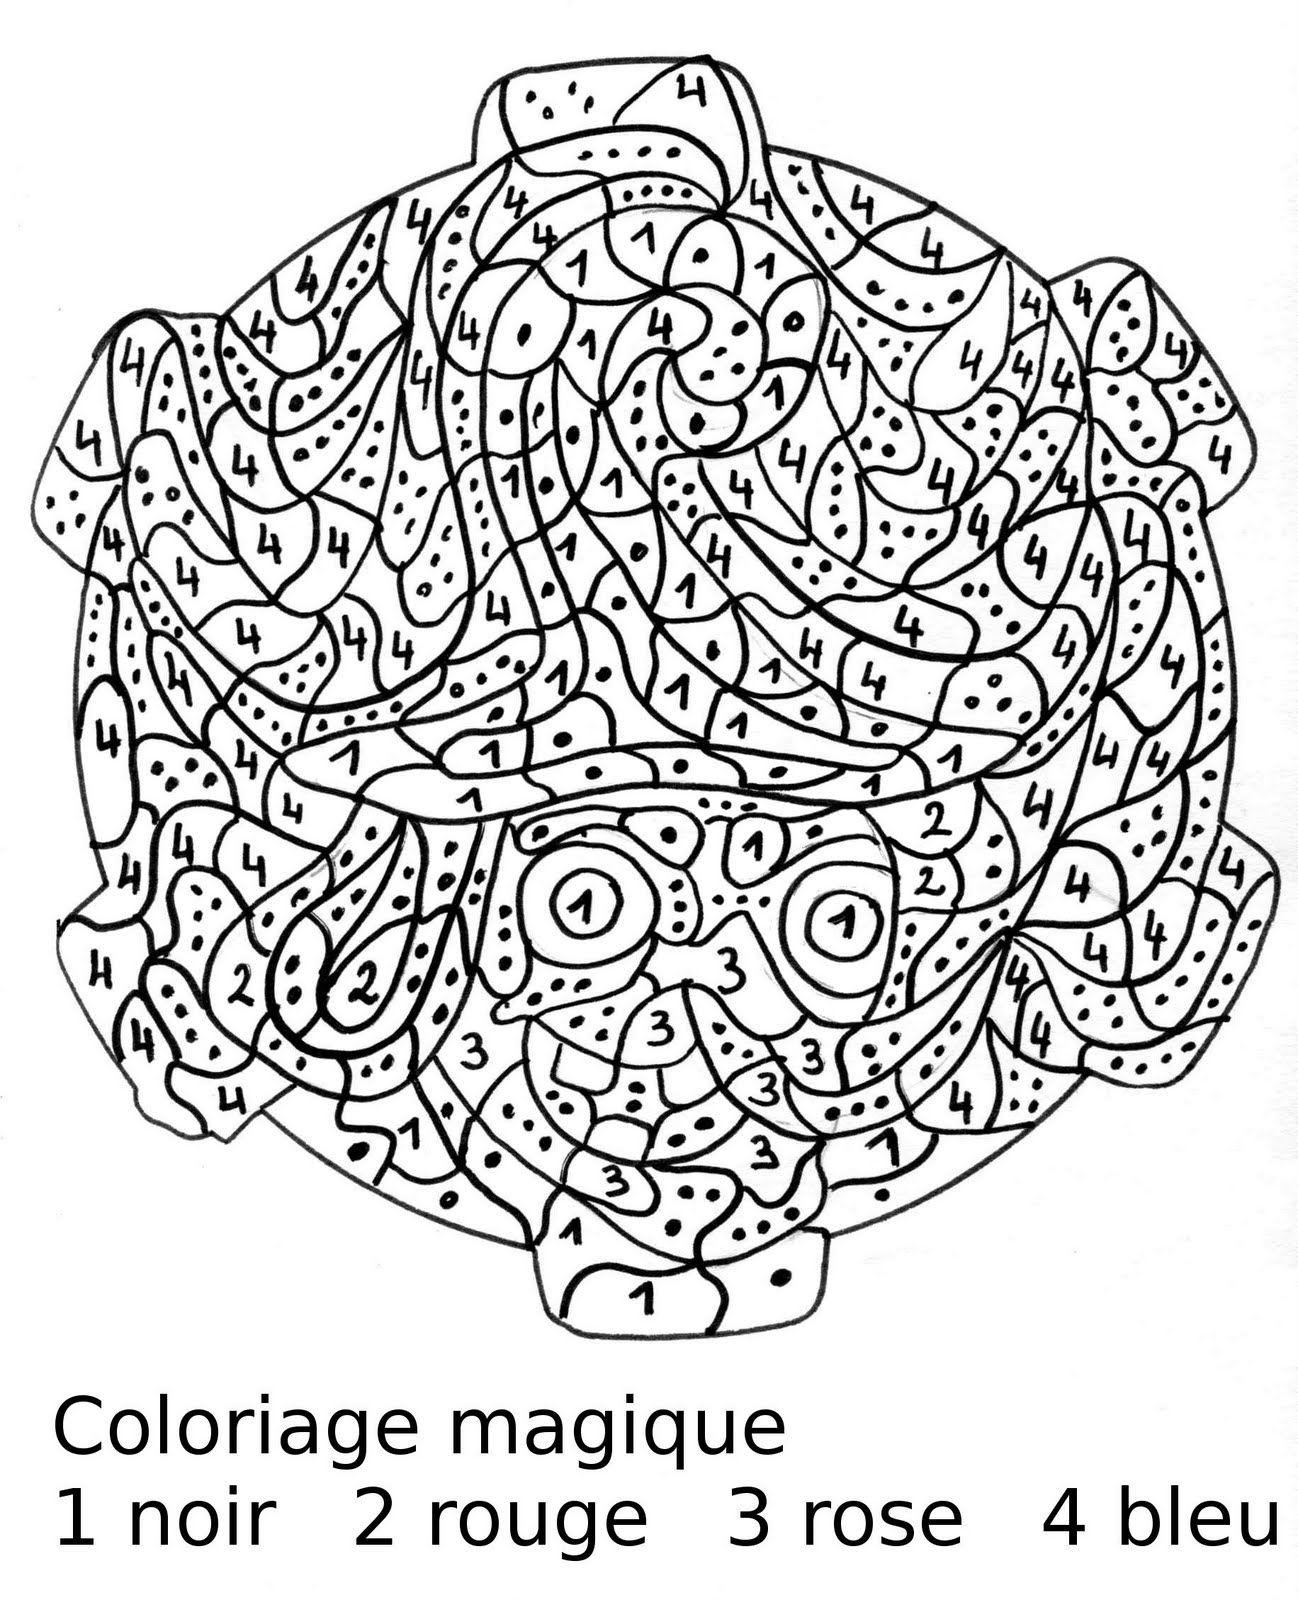 Coloriage Mandala Sorciere.Maternelle Coloriage Magique Portrait De Sorciere Au Chapeau